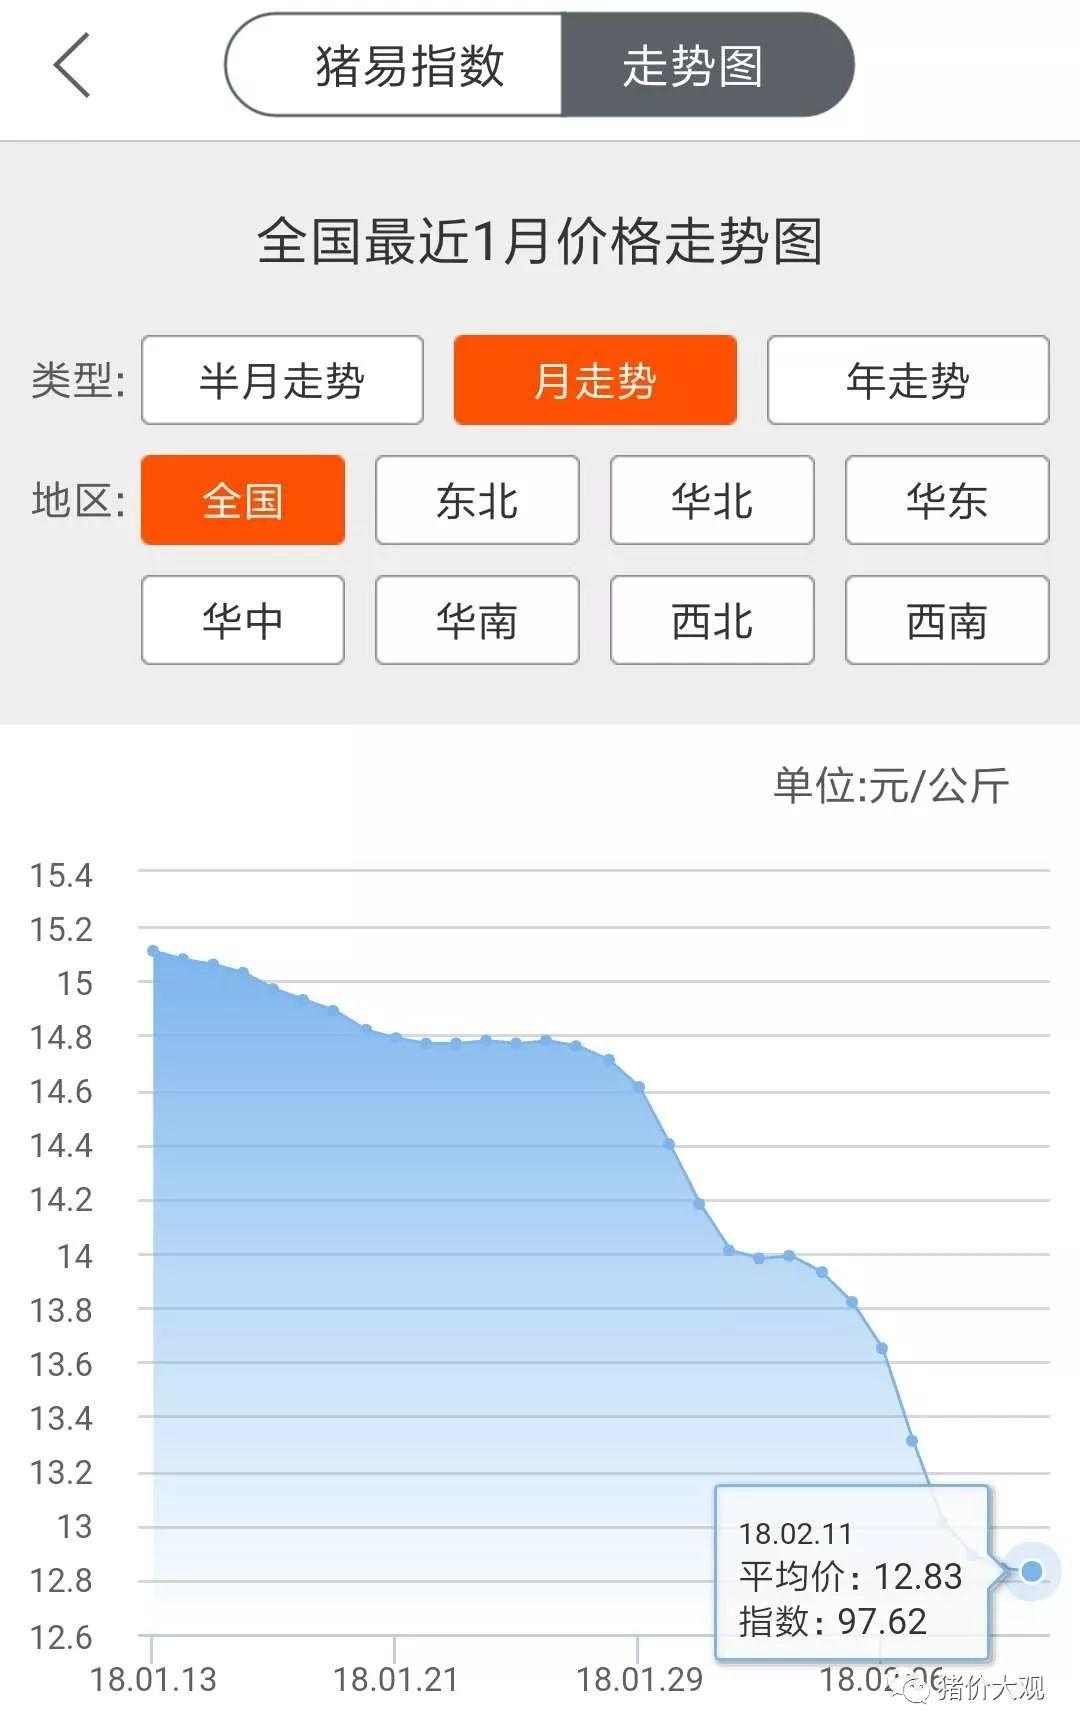 【生猪行情】下跌仍未结束,下跌节点关注二月二龙抬头